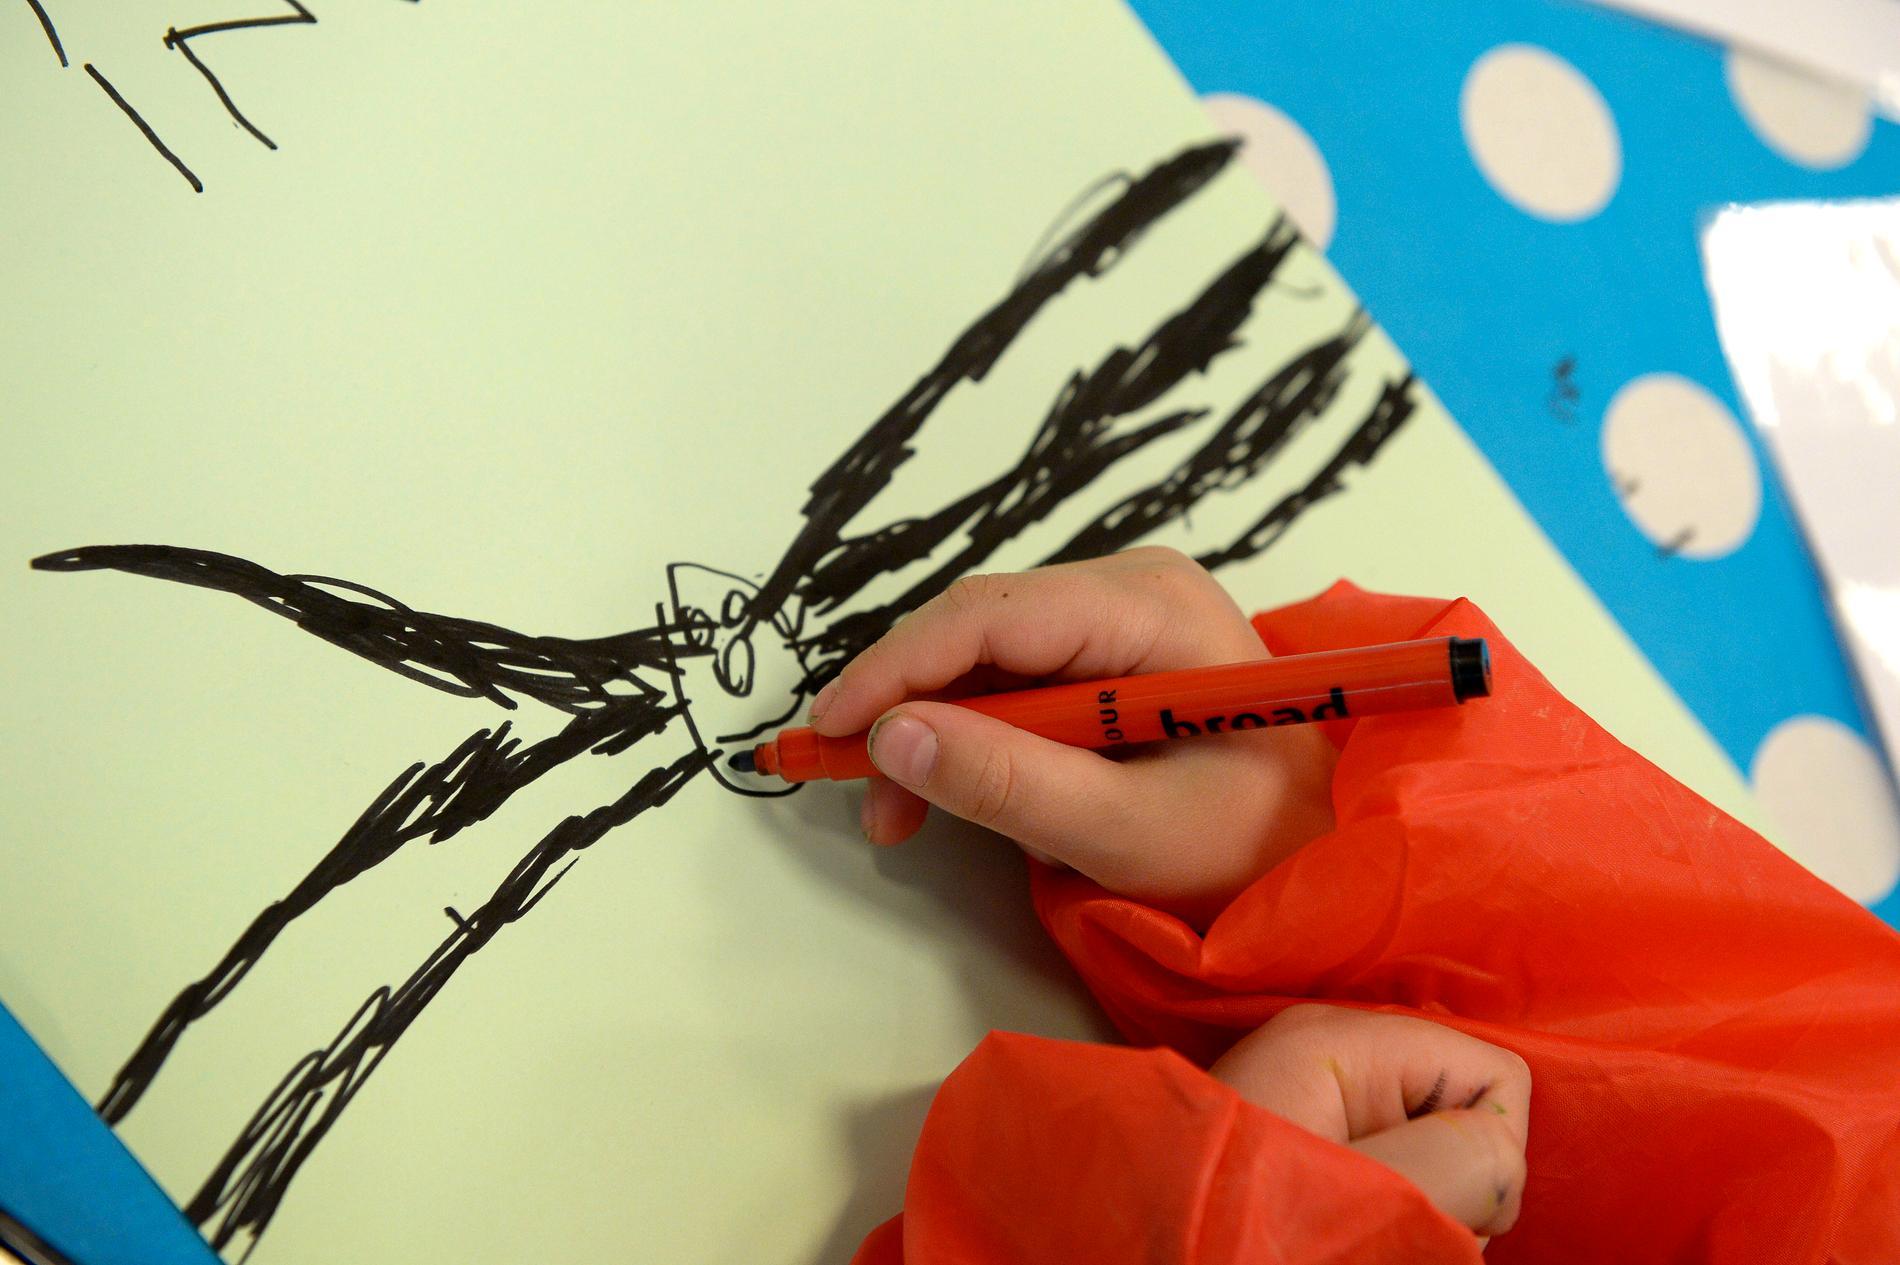 Att låta små barn rita vid förhör kan vara en risk om förhörsledaren samtidigt ställer ledande frågor, visar forskning. Arkivbild.